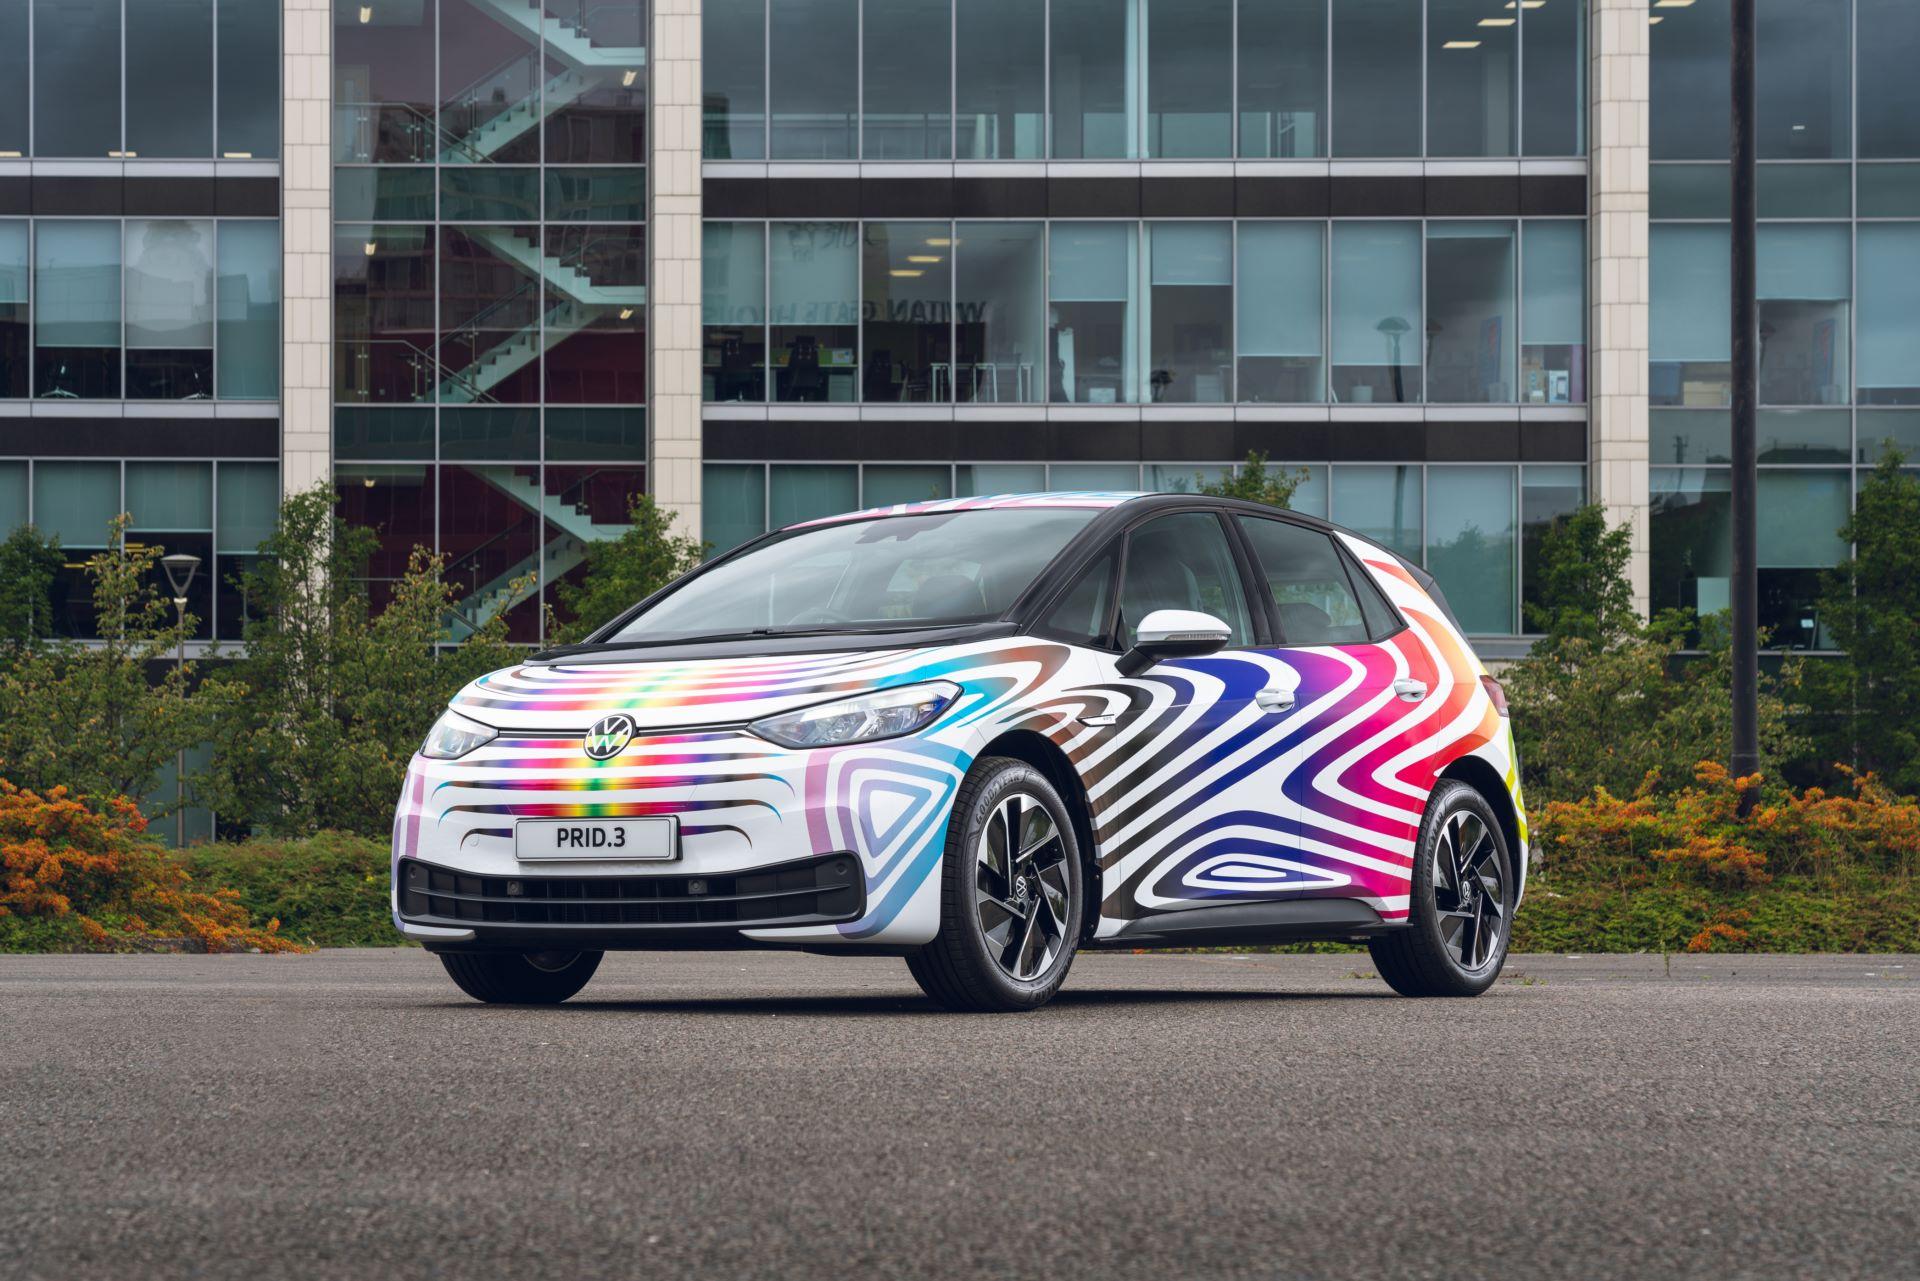 Volkswagen-PRID.3-10